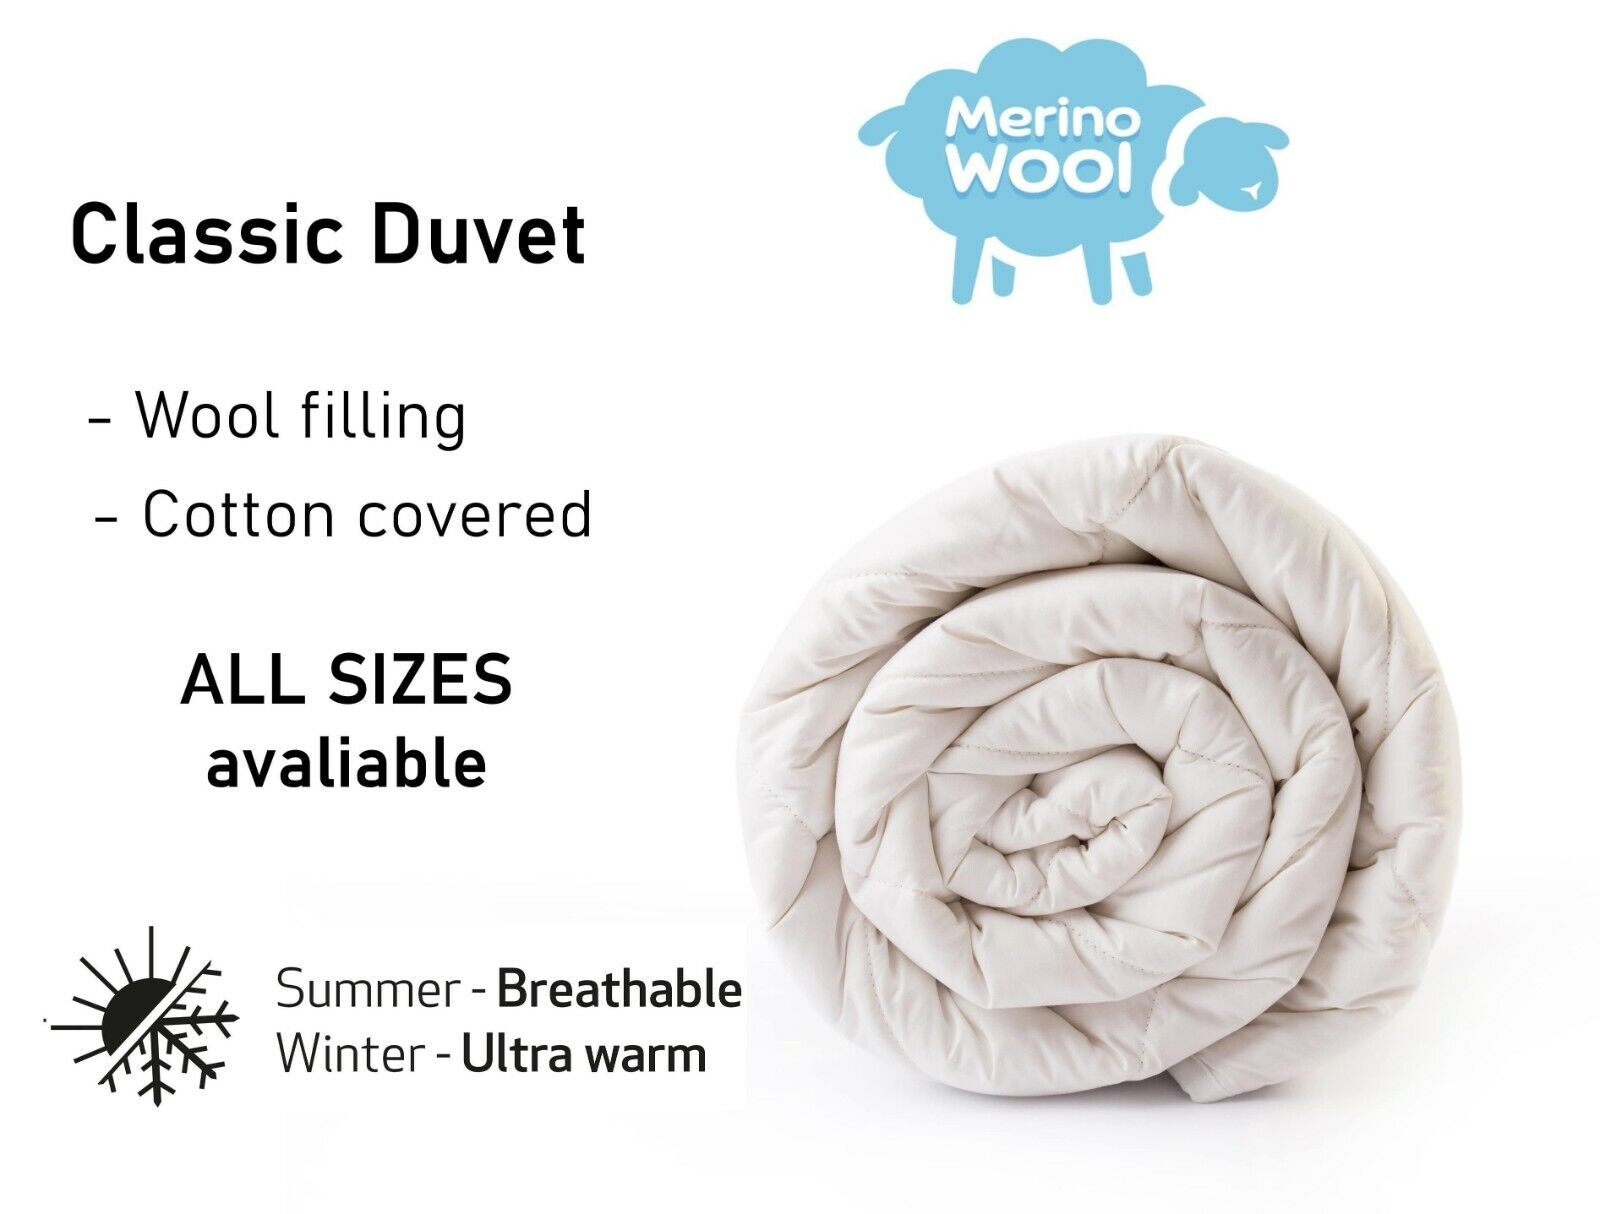 Merino Wool Bettdecke Steppdecke - Wolle & Natürlich Bett Alle Größen 10.5-8 Tog